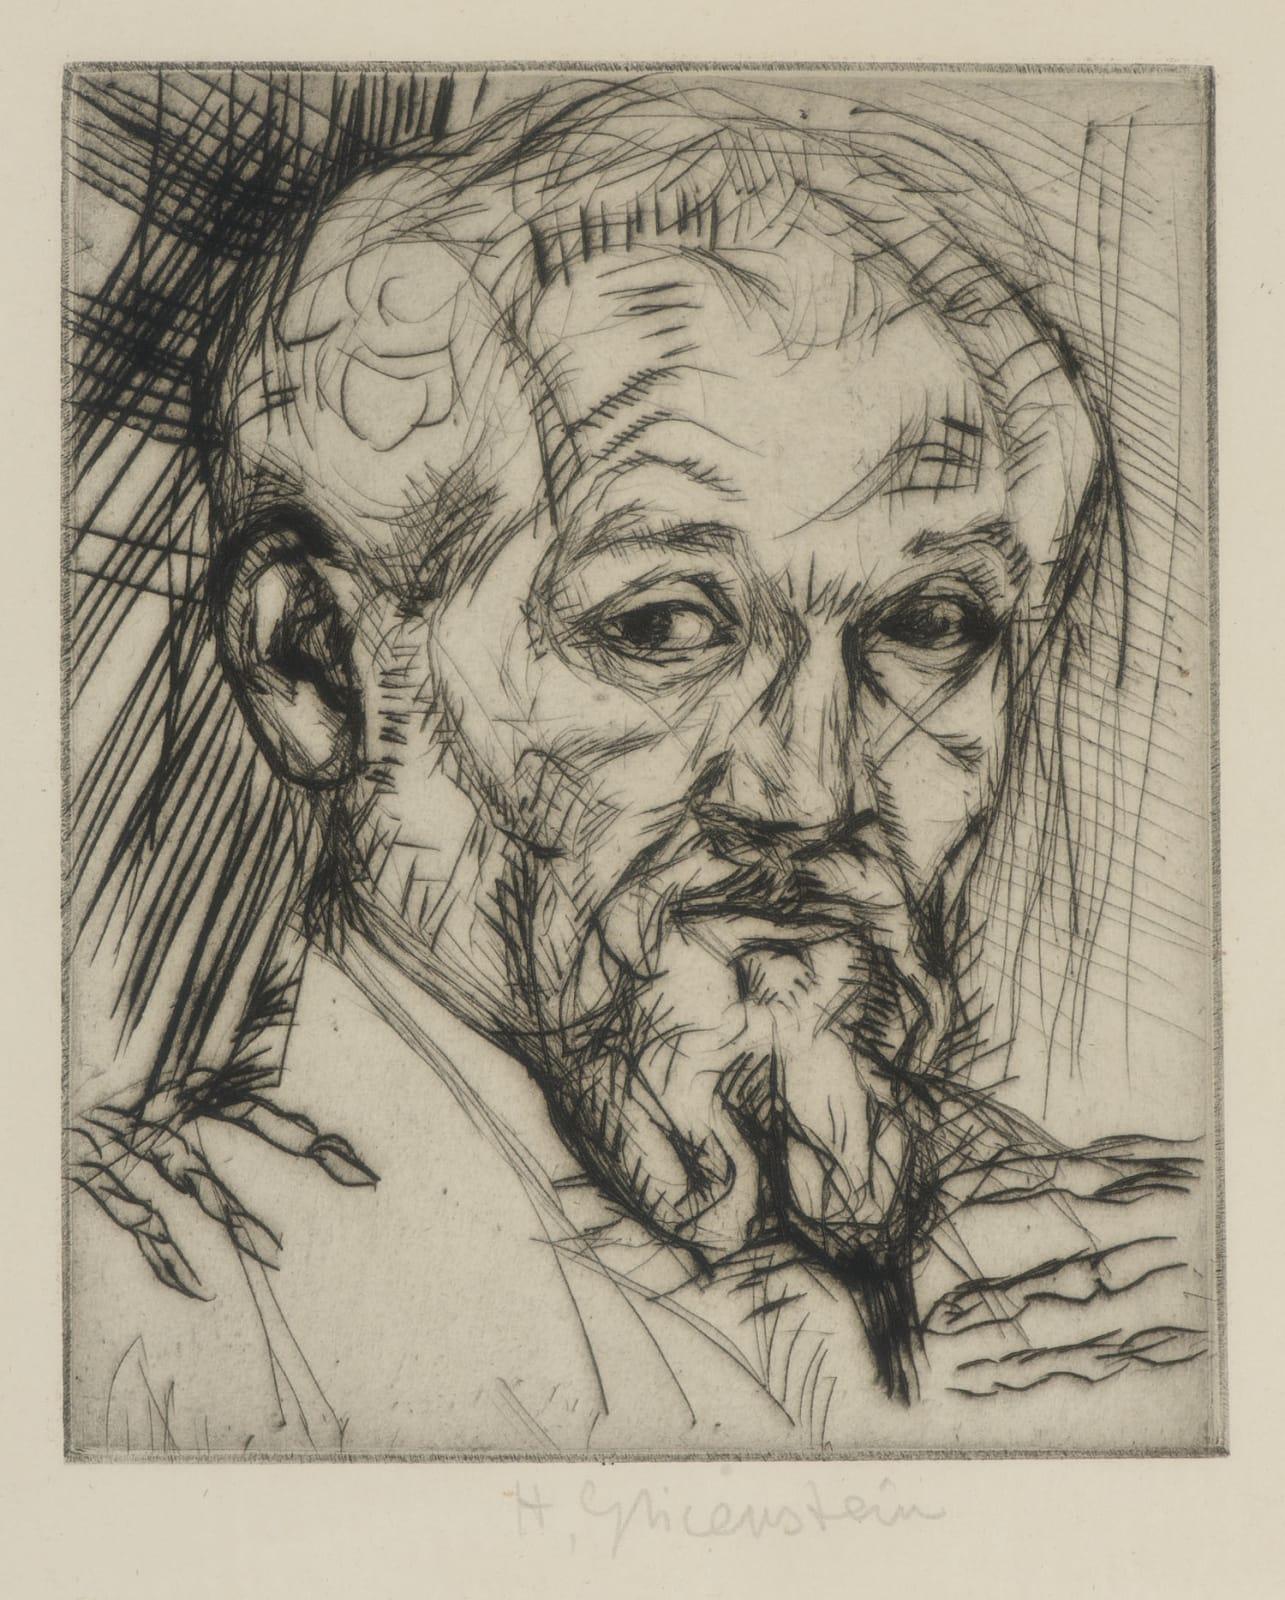 Enrico Glicenstein (1870-1942) Self Portrait n.d. Etching and drypoint 18 x 14.5 cm Ben Uri Collection